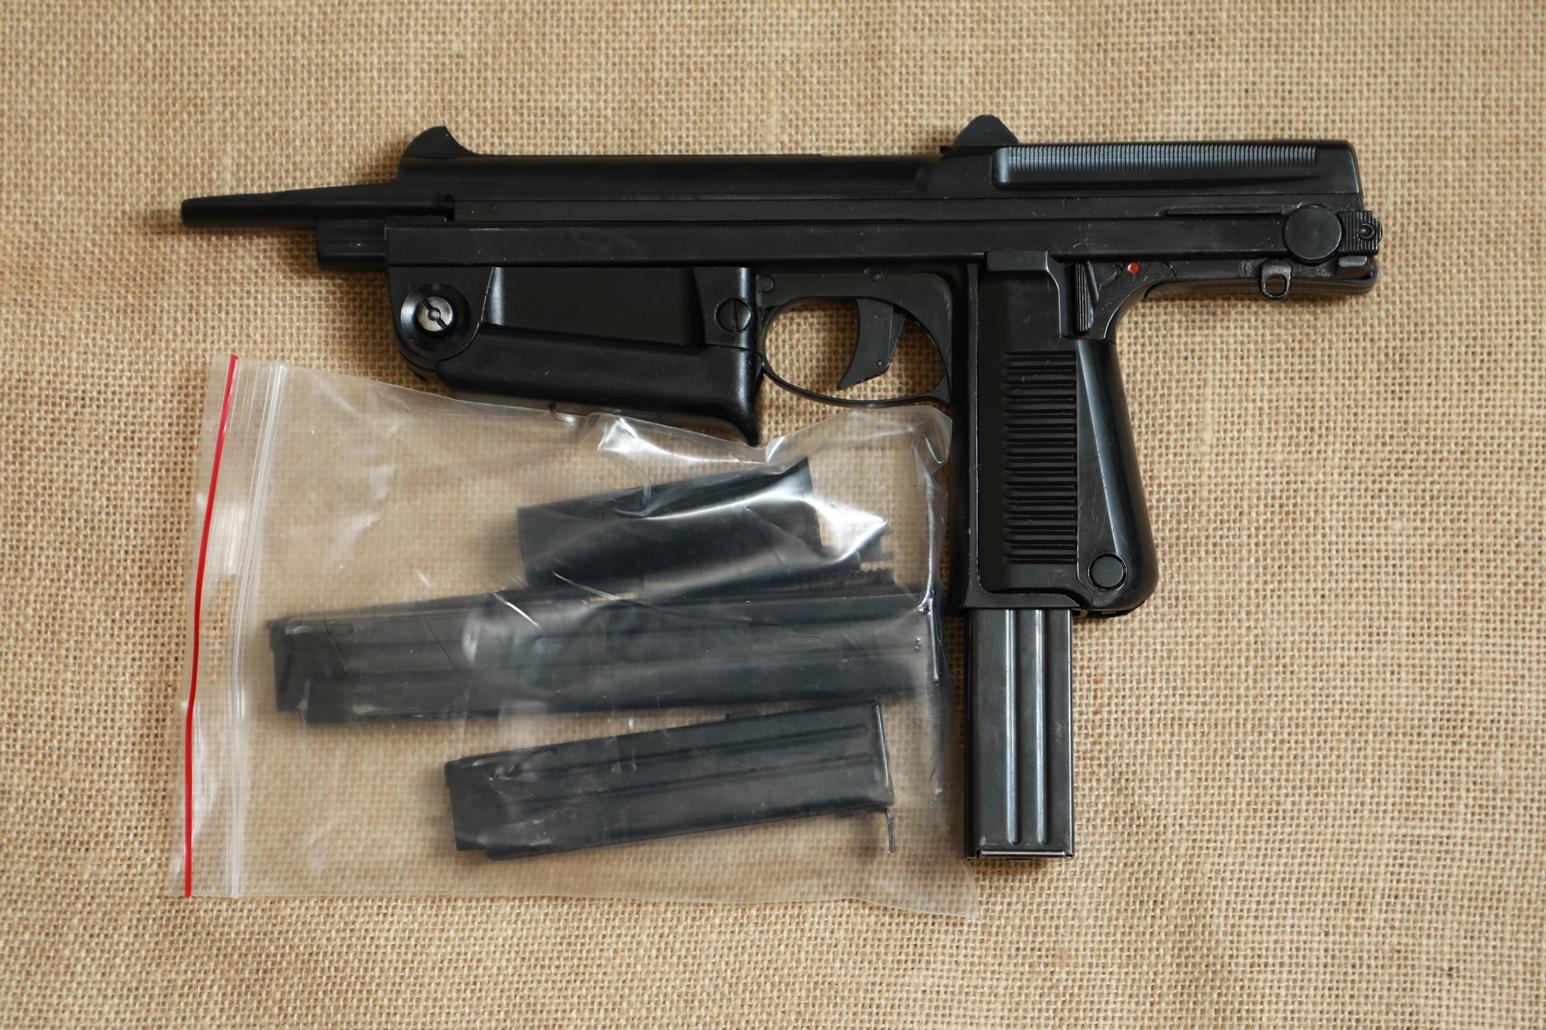 Охолощенный пистолет-пулемет RAK-63 #ST 03463 1971 год, 1 категория